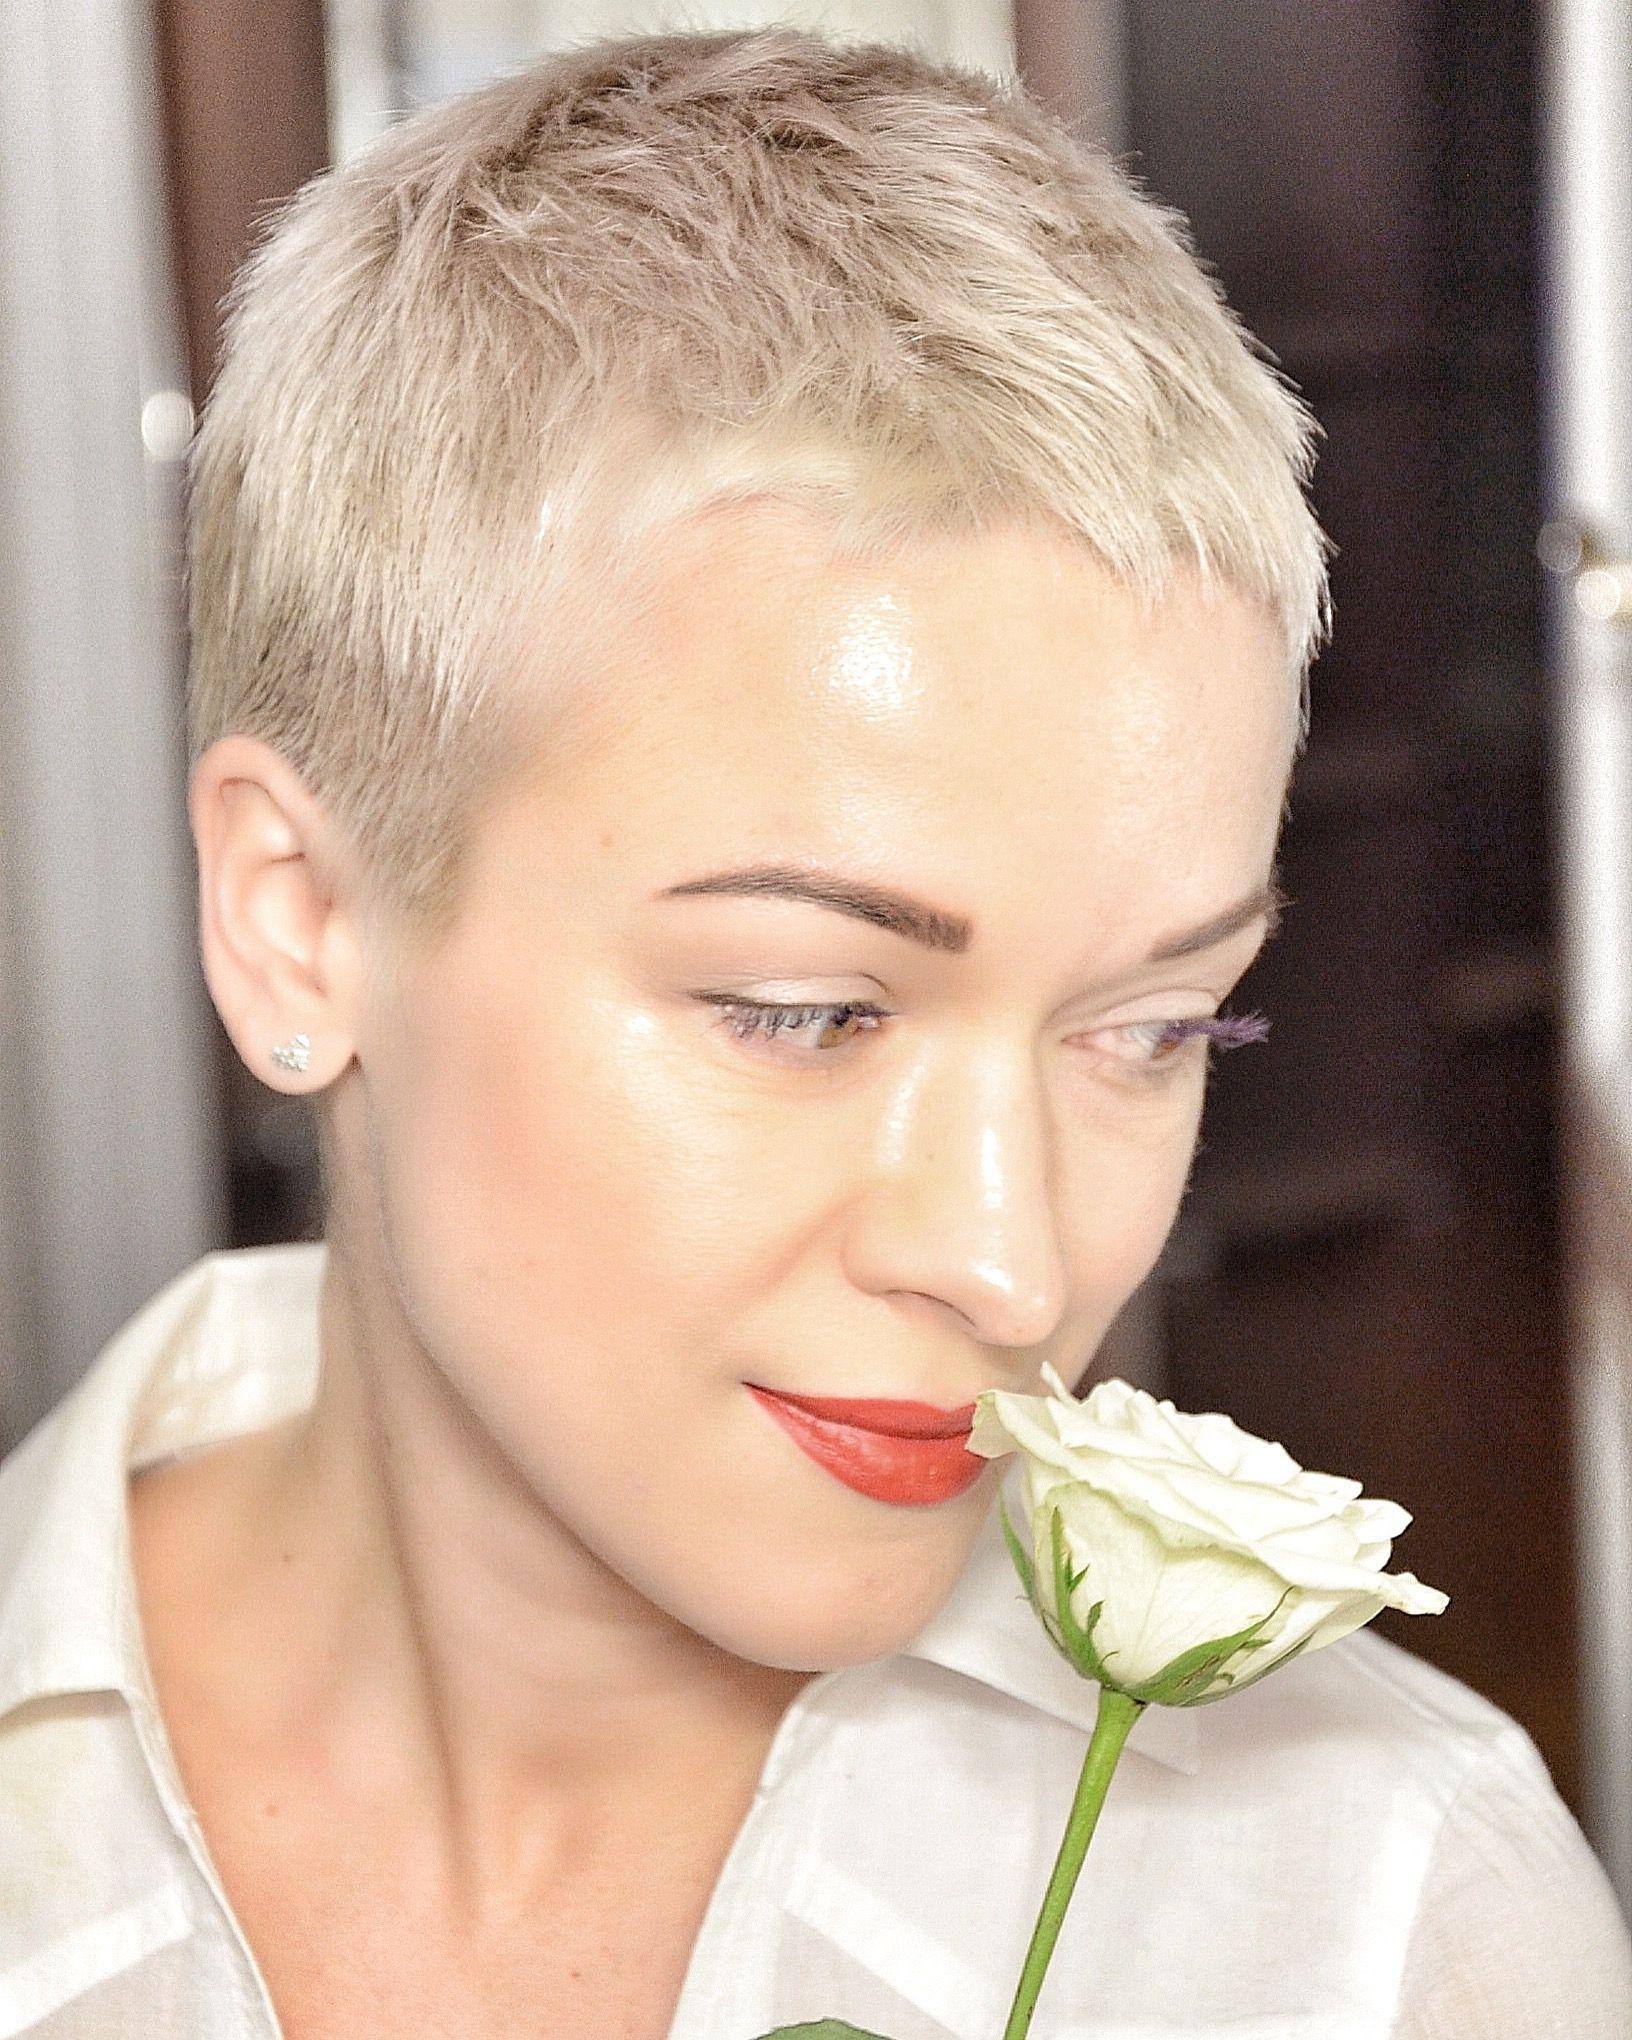 Afbeeldingsresultaat voor rose kapsels pinterest pixies pixie